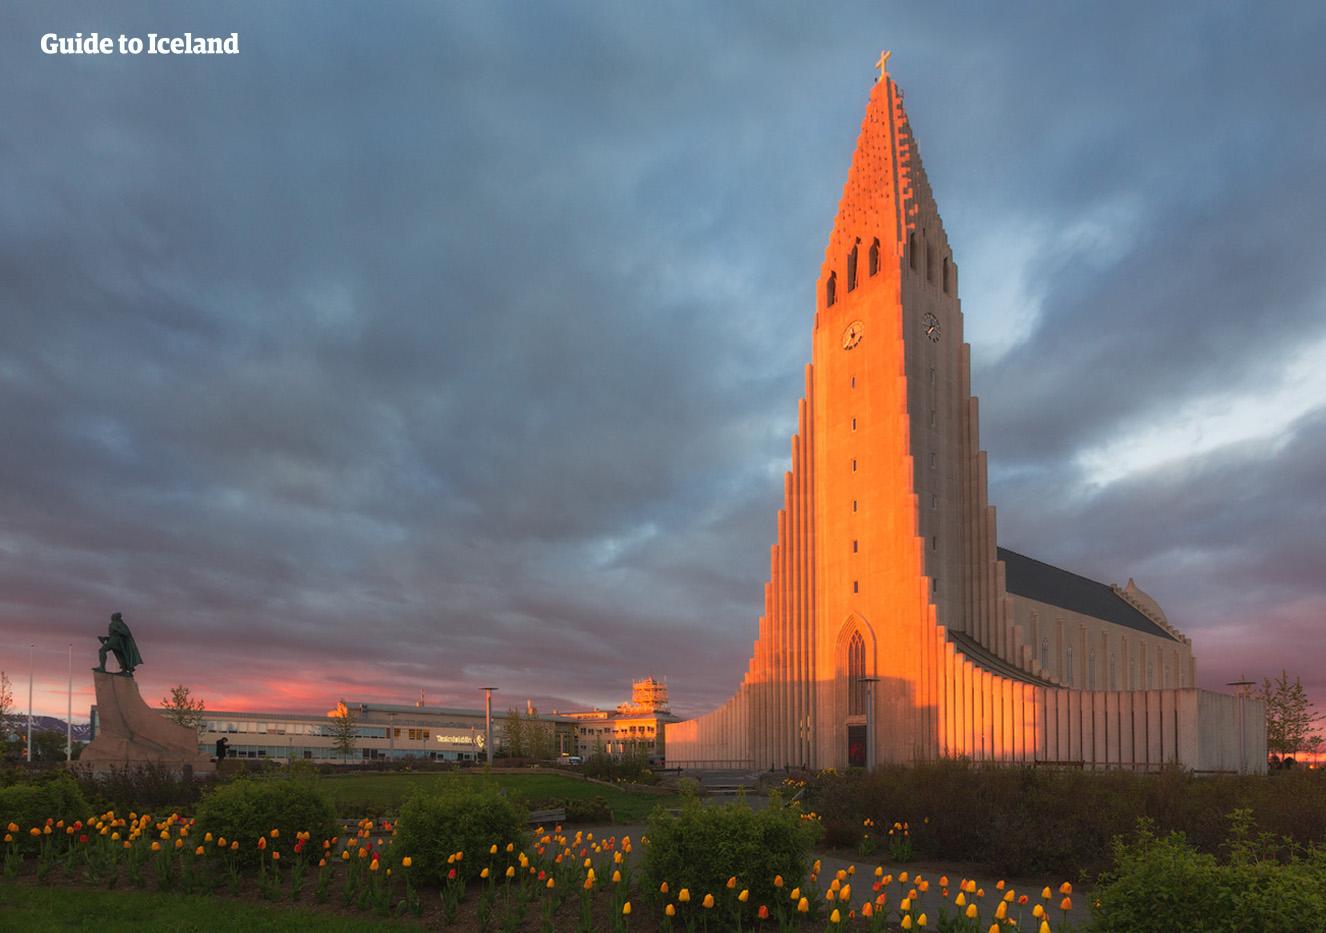 哈尔格林姆斯大教堂(Hallgrímskirkja)是冰岛首都雷克雅未克著名地标